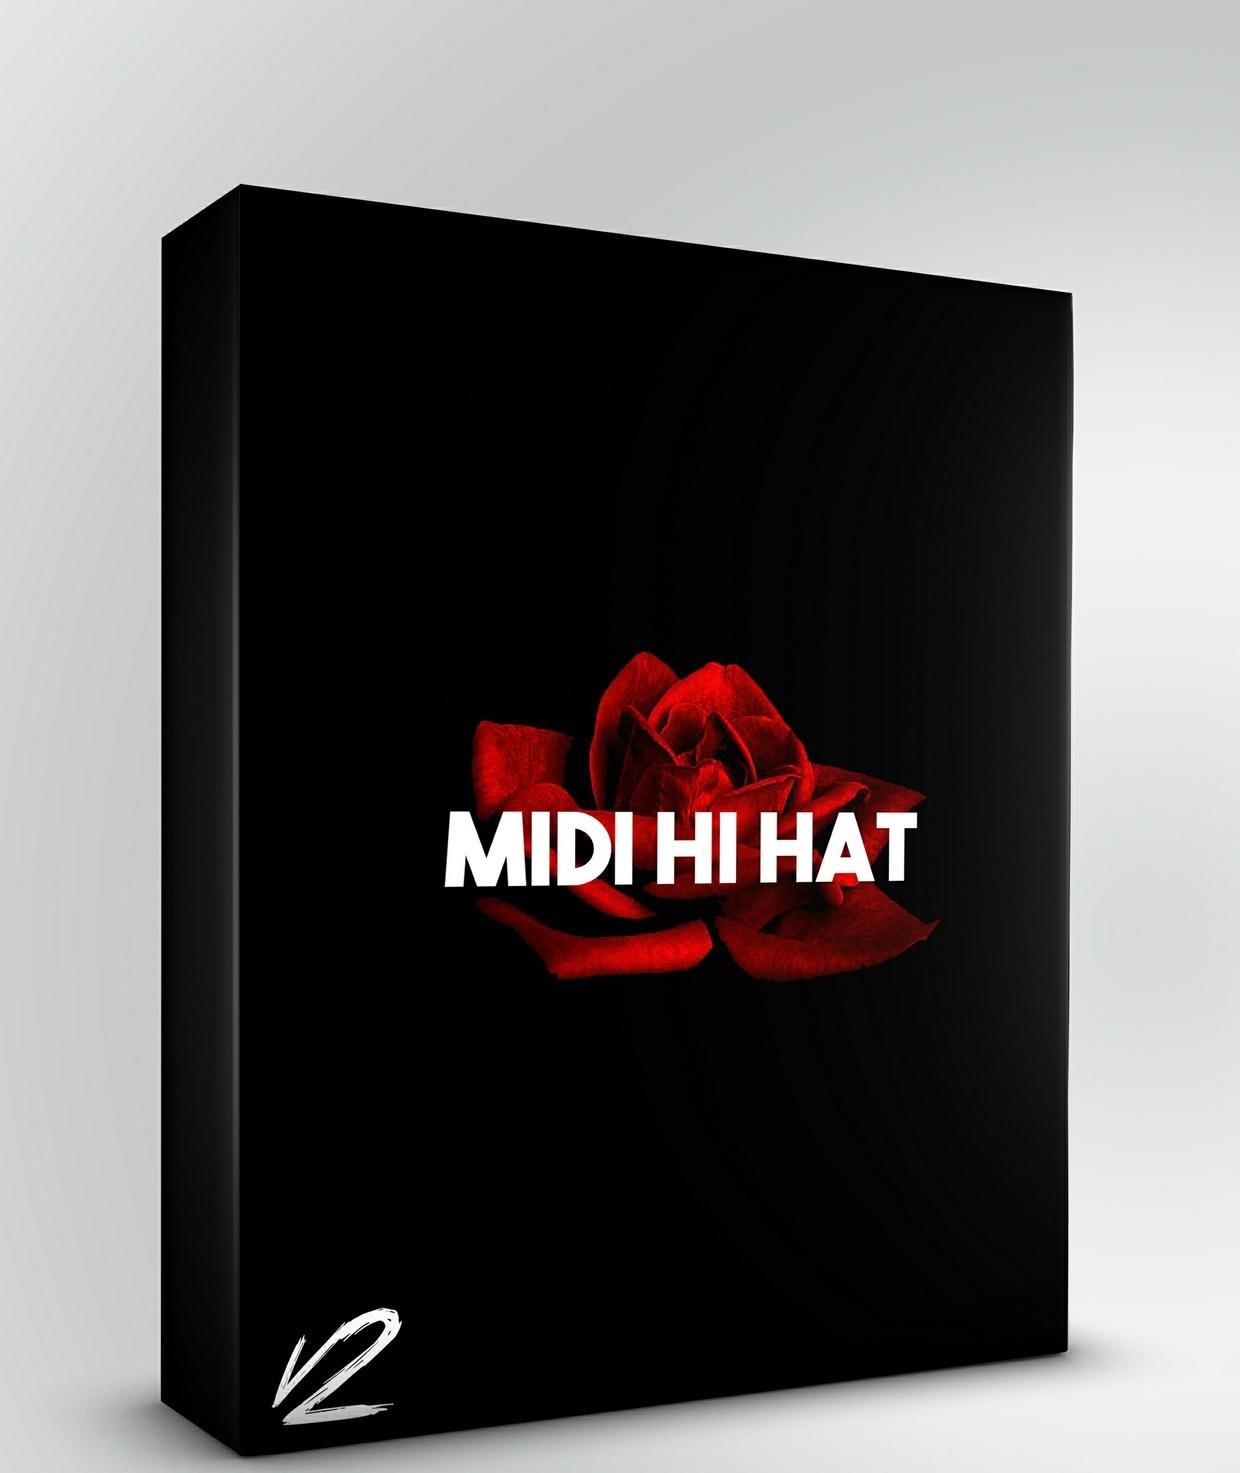 Midi Hi Hat V2